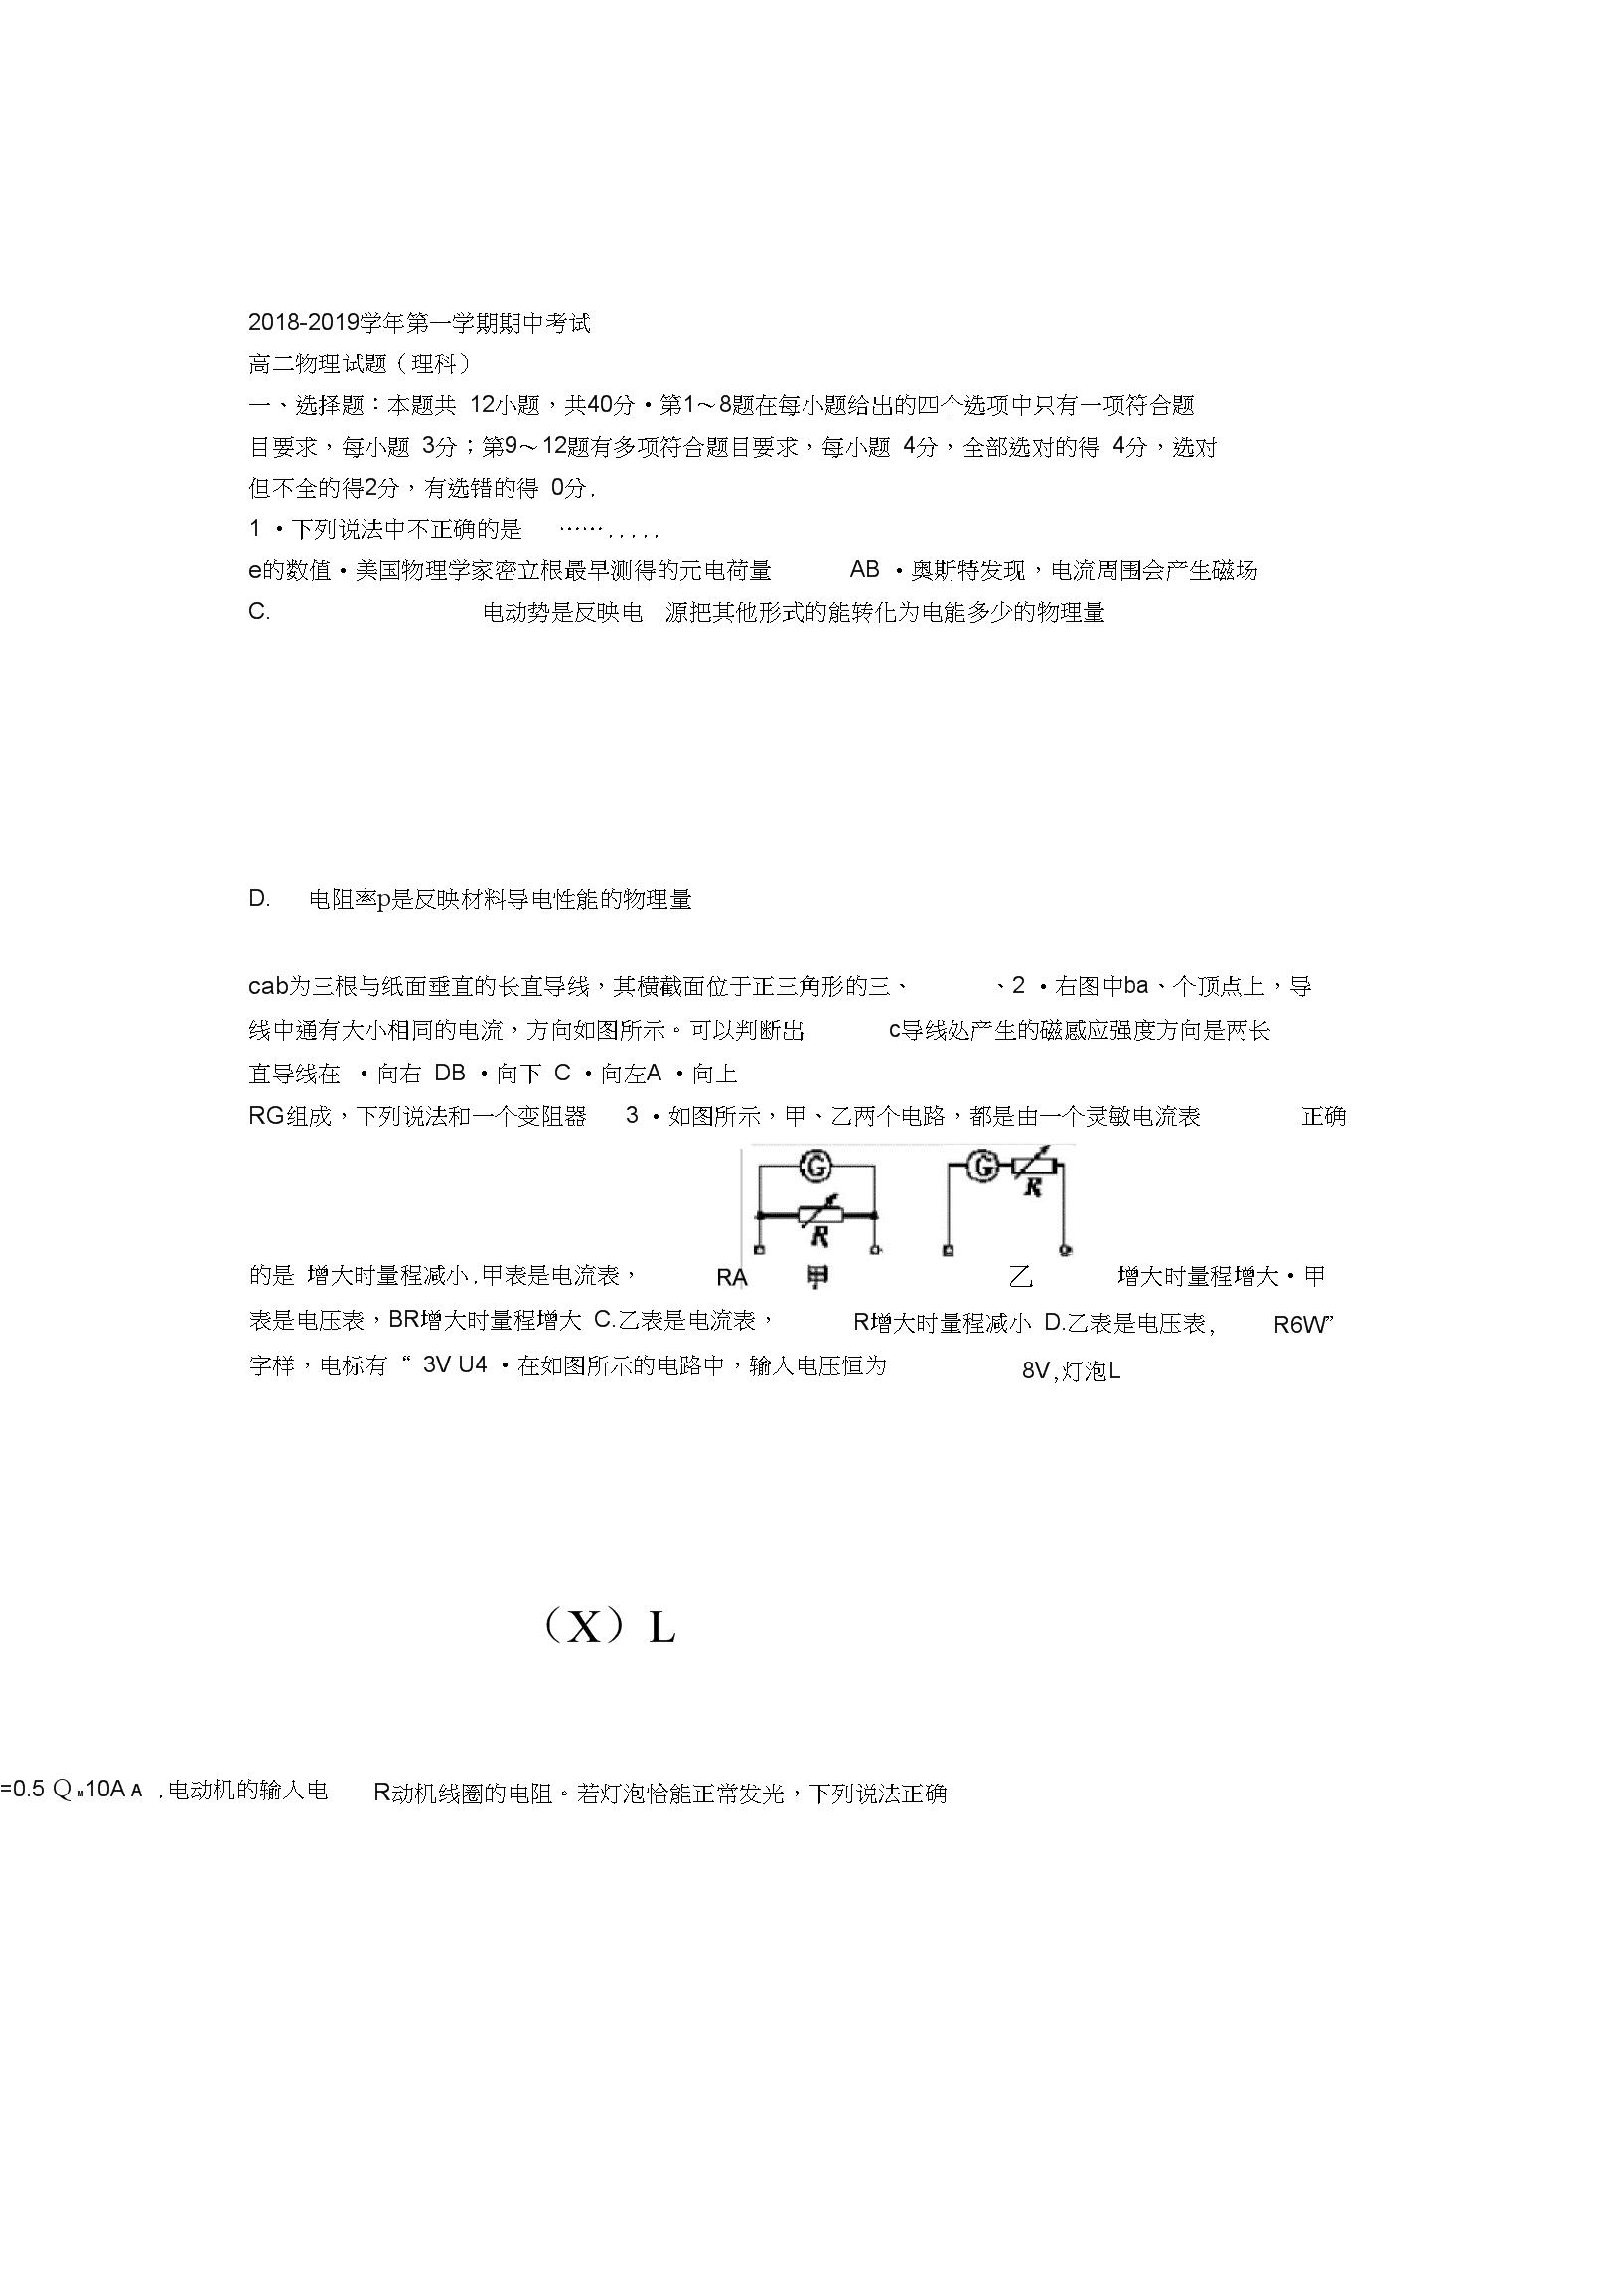 福建省福州市第一中学20182019高二上学期期中考试物理试题Word版含答案.docx